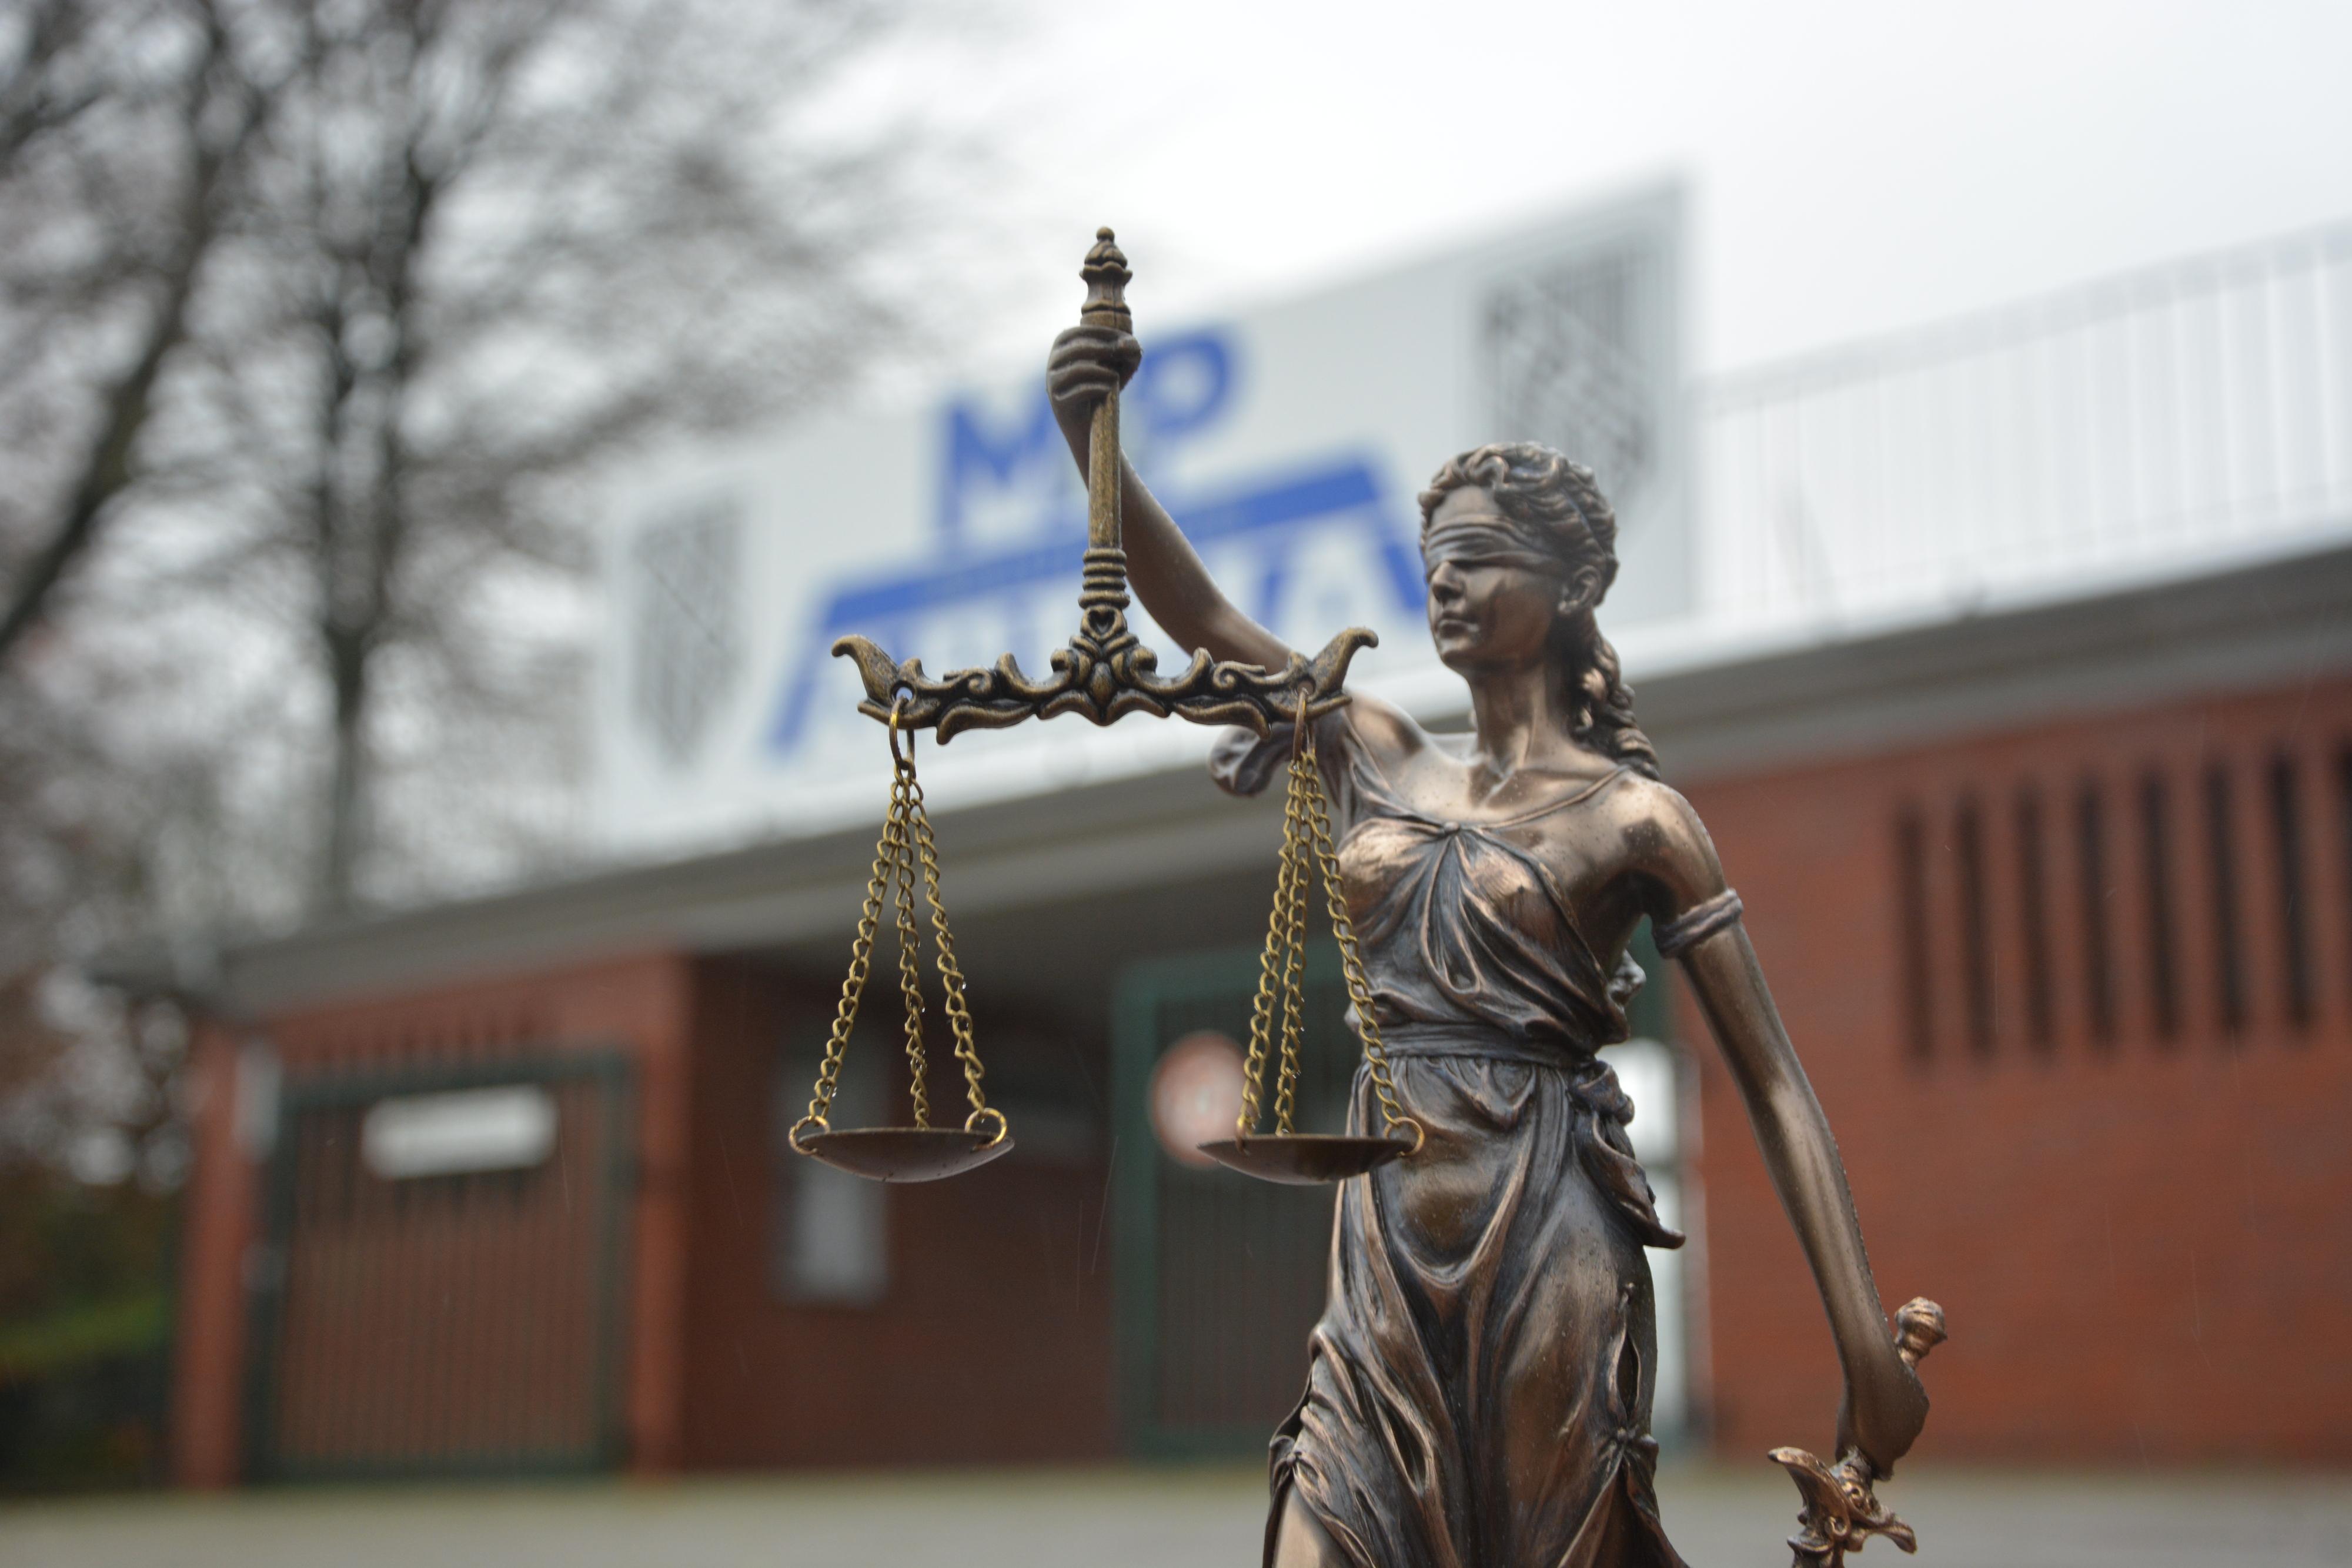 Justitia vor dem Stadion: In mehreren Verfahren klagen Ehemalige gegen den BV Cloppenburg. Foto: Hermes